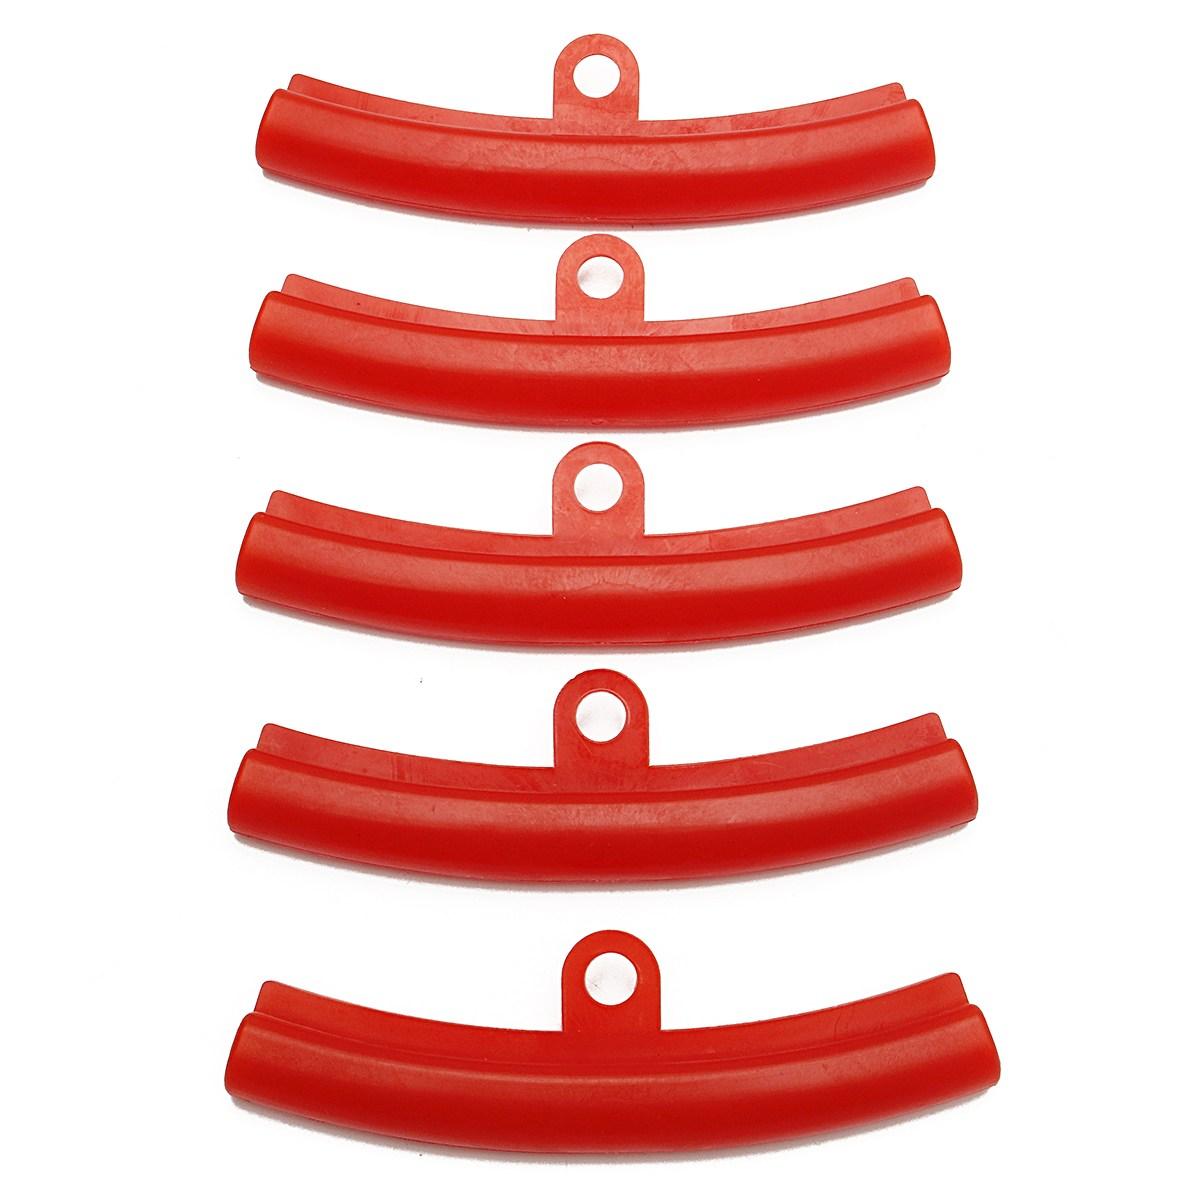 [해외]5pcs 자동차 타이어 빨간색 고무 가드 림 보호기 타이어 바퀴 변경 림 가장자리 보호 도구 폴리에틸렌/5pcs Car Tire Red Rubber Guard Rim Protector Tyre Wheel Changing Rim Edge Protection Too